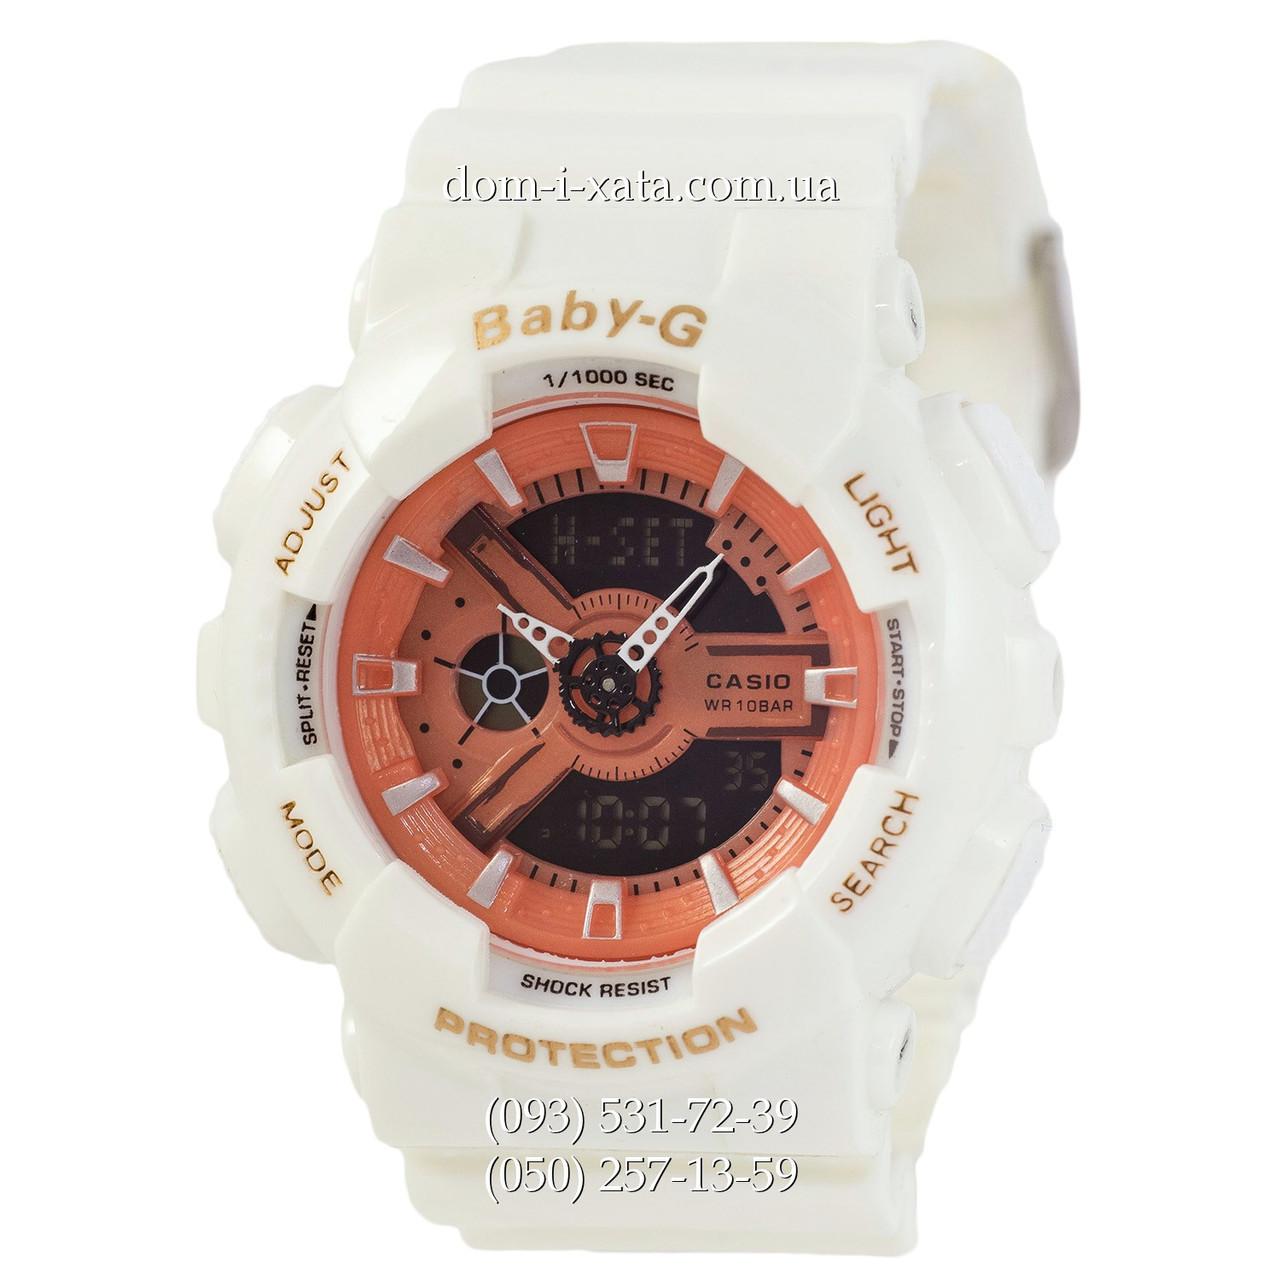 Электронные женские часы Casio Baby-G GA-110 White-Orange, спортивные часы Бейби Джи белые, реплика отличное качество!